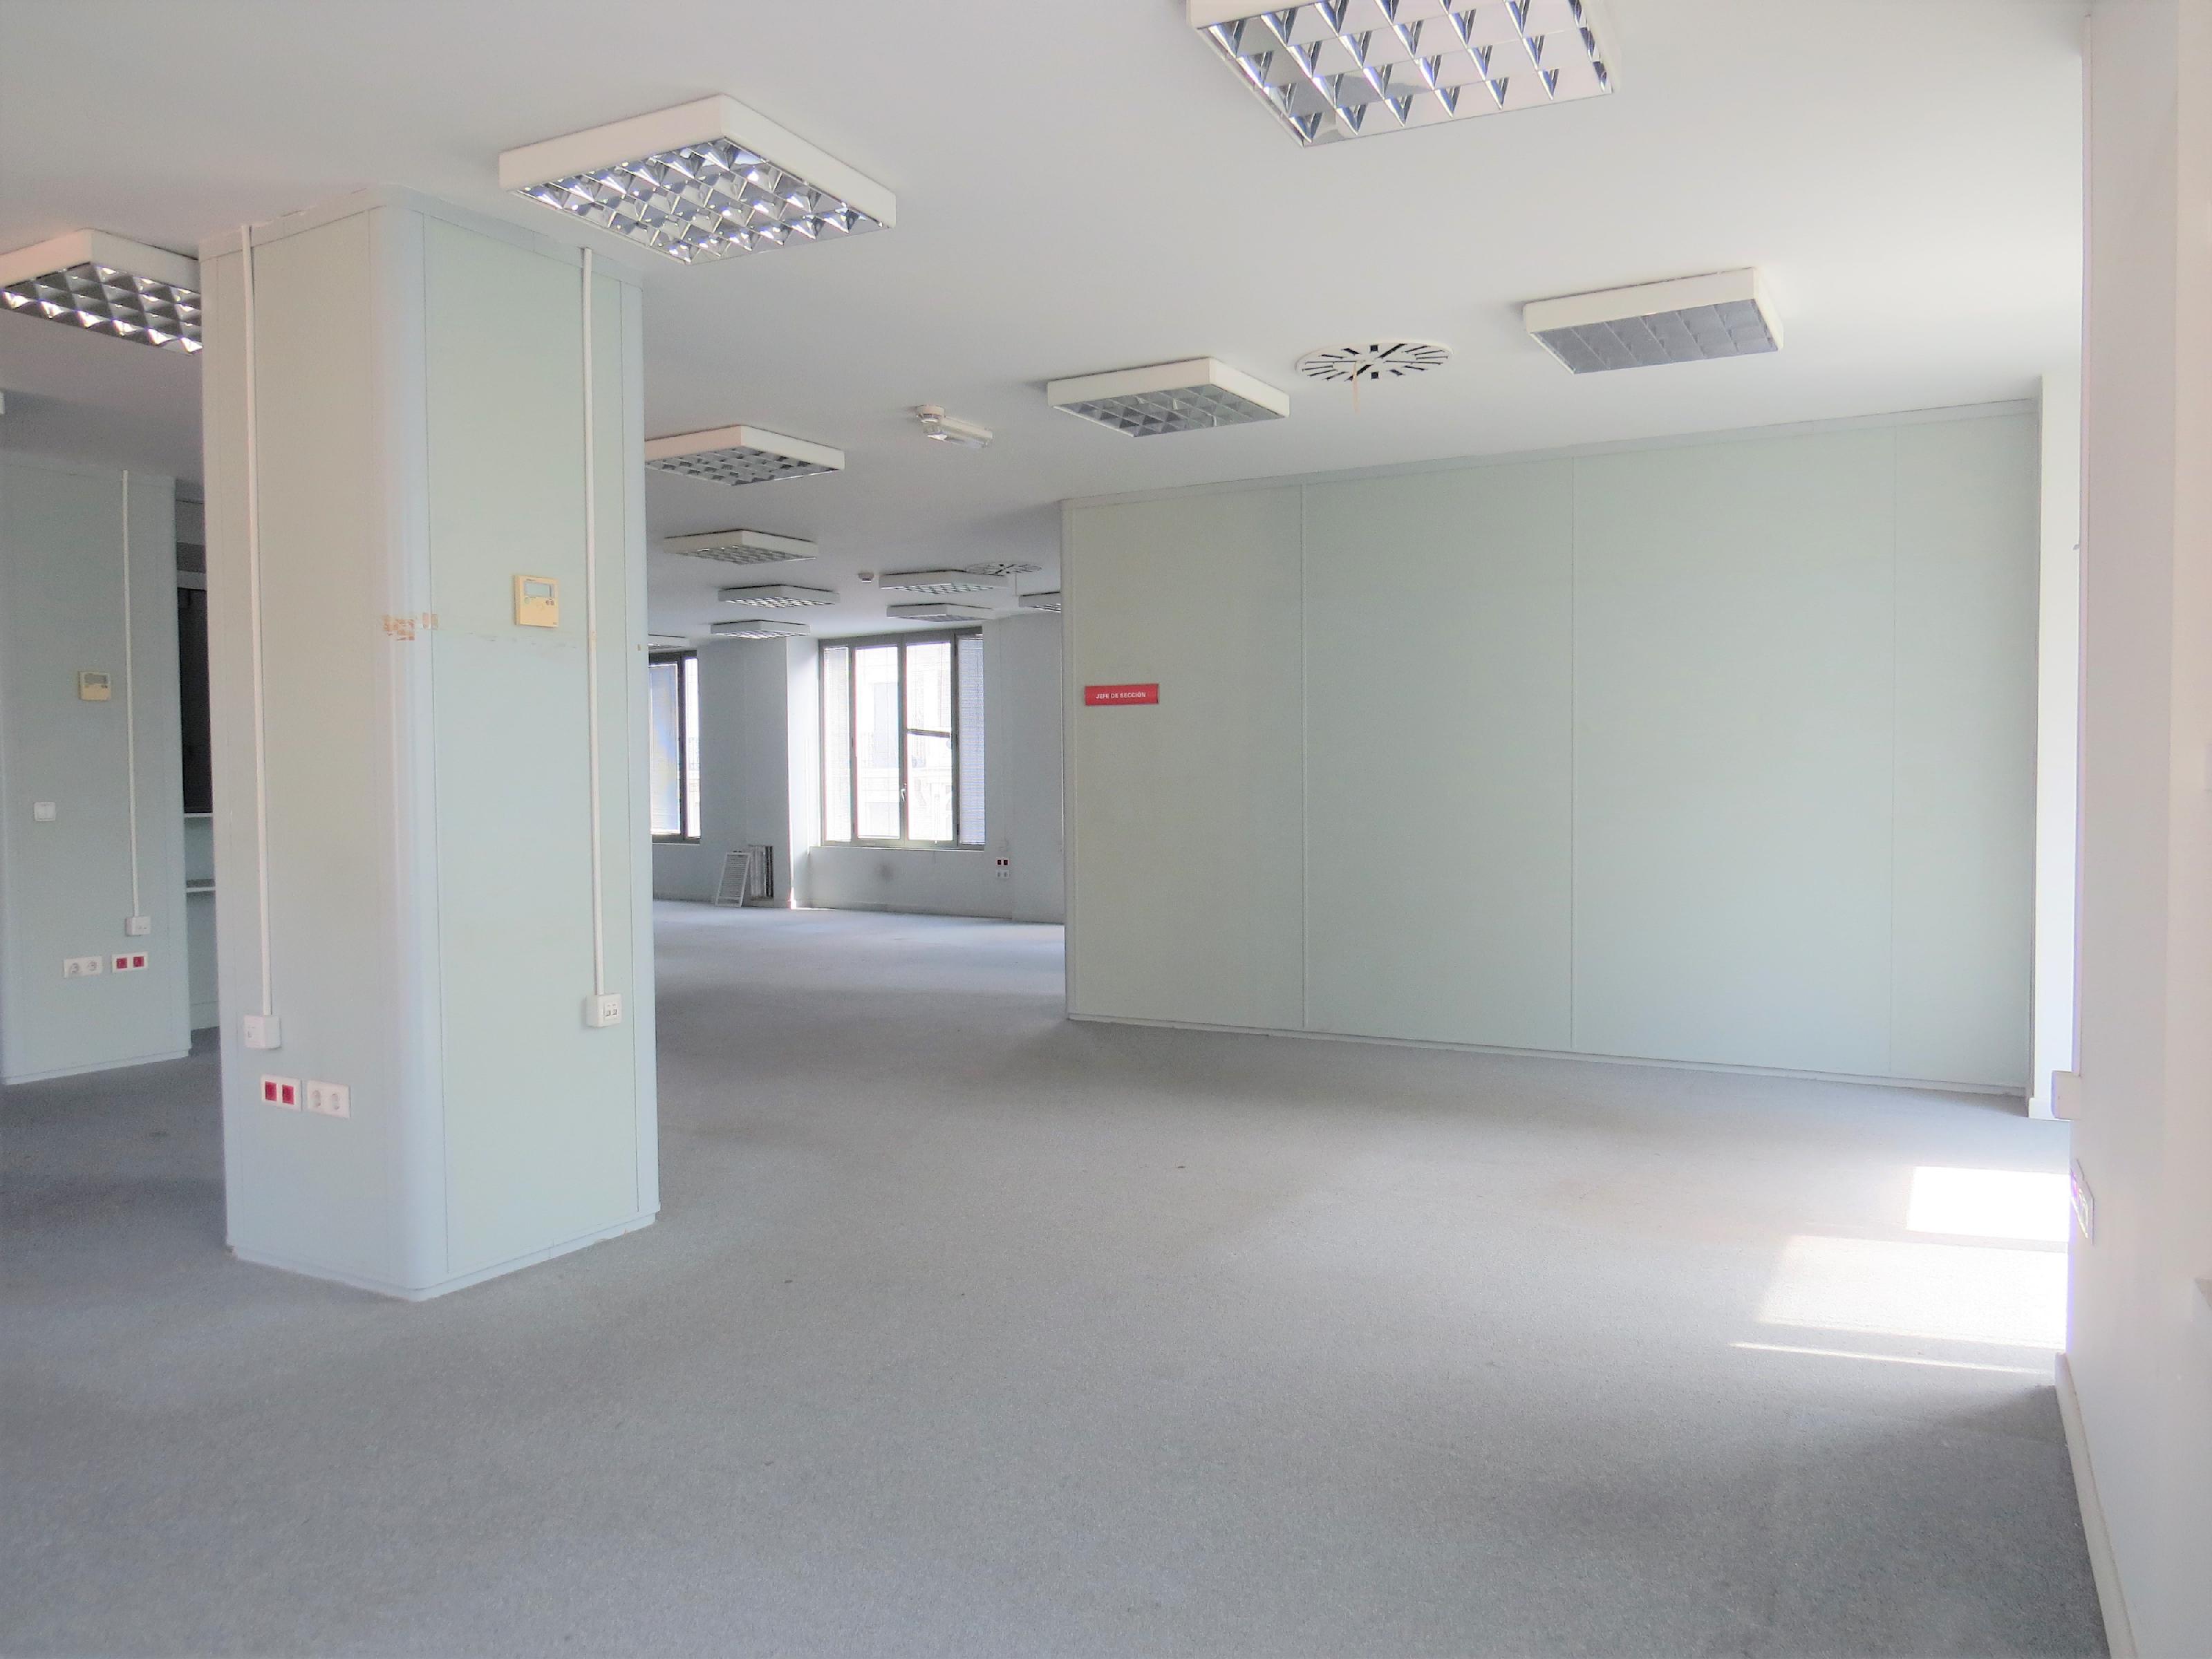 Imagen 4 Oficina Comercial en alquiler en Zaragoza / Junto al tranvia